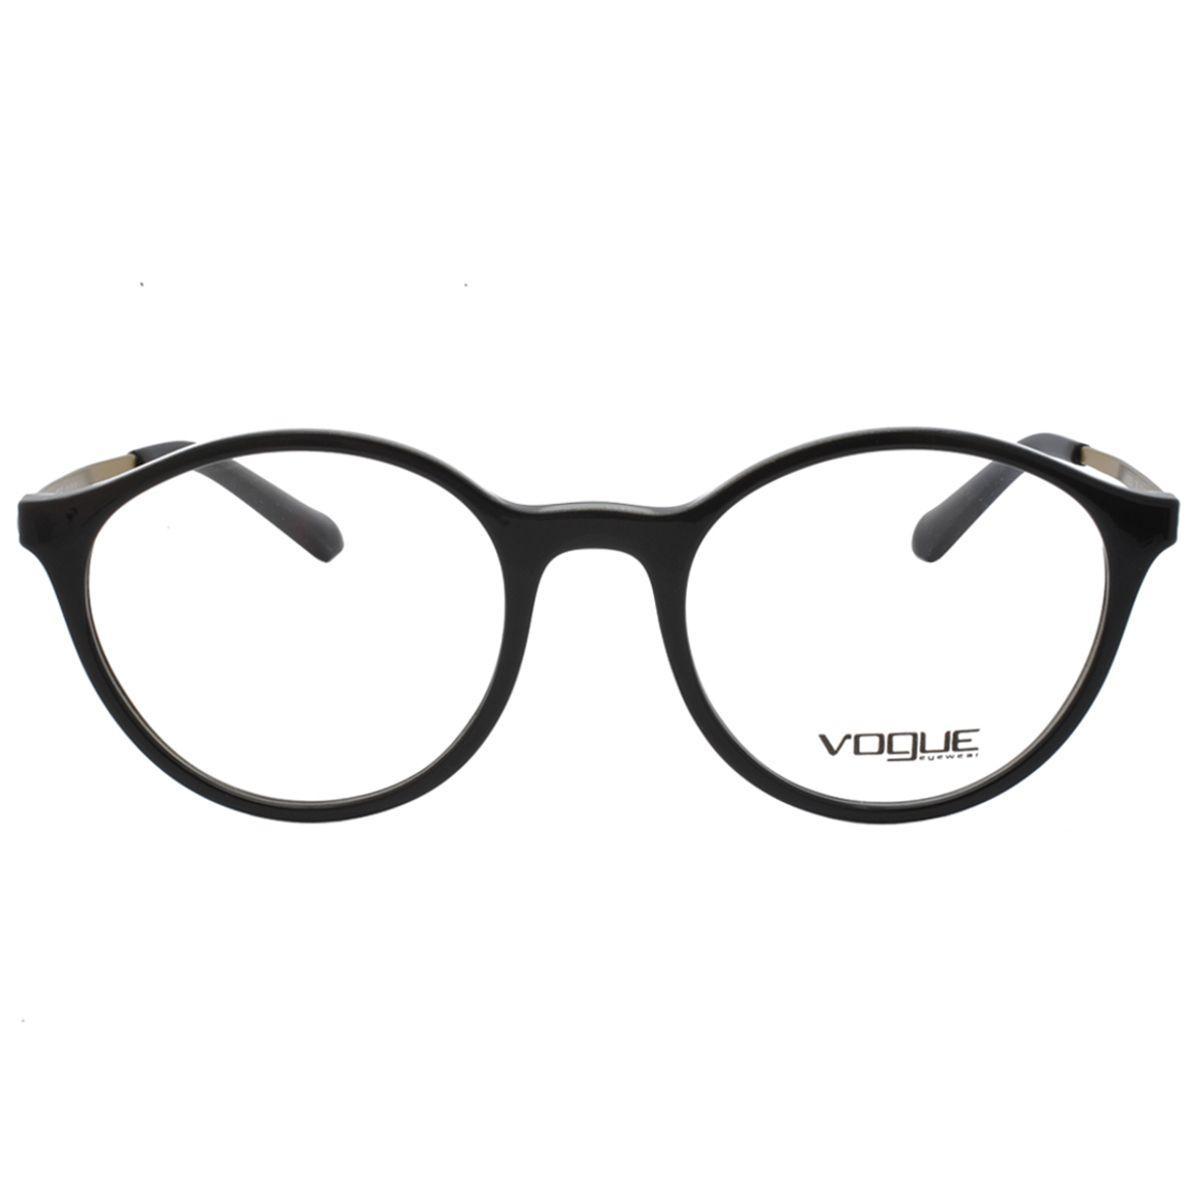 898fea250ec48 Óculos de Grau Vogue Feminino VO5223L 2385 - Acetato Preto e Metal Bronze  R  488